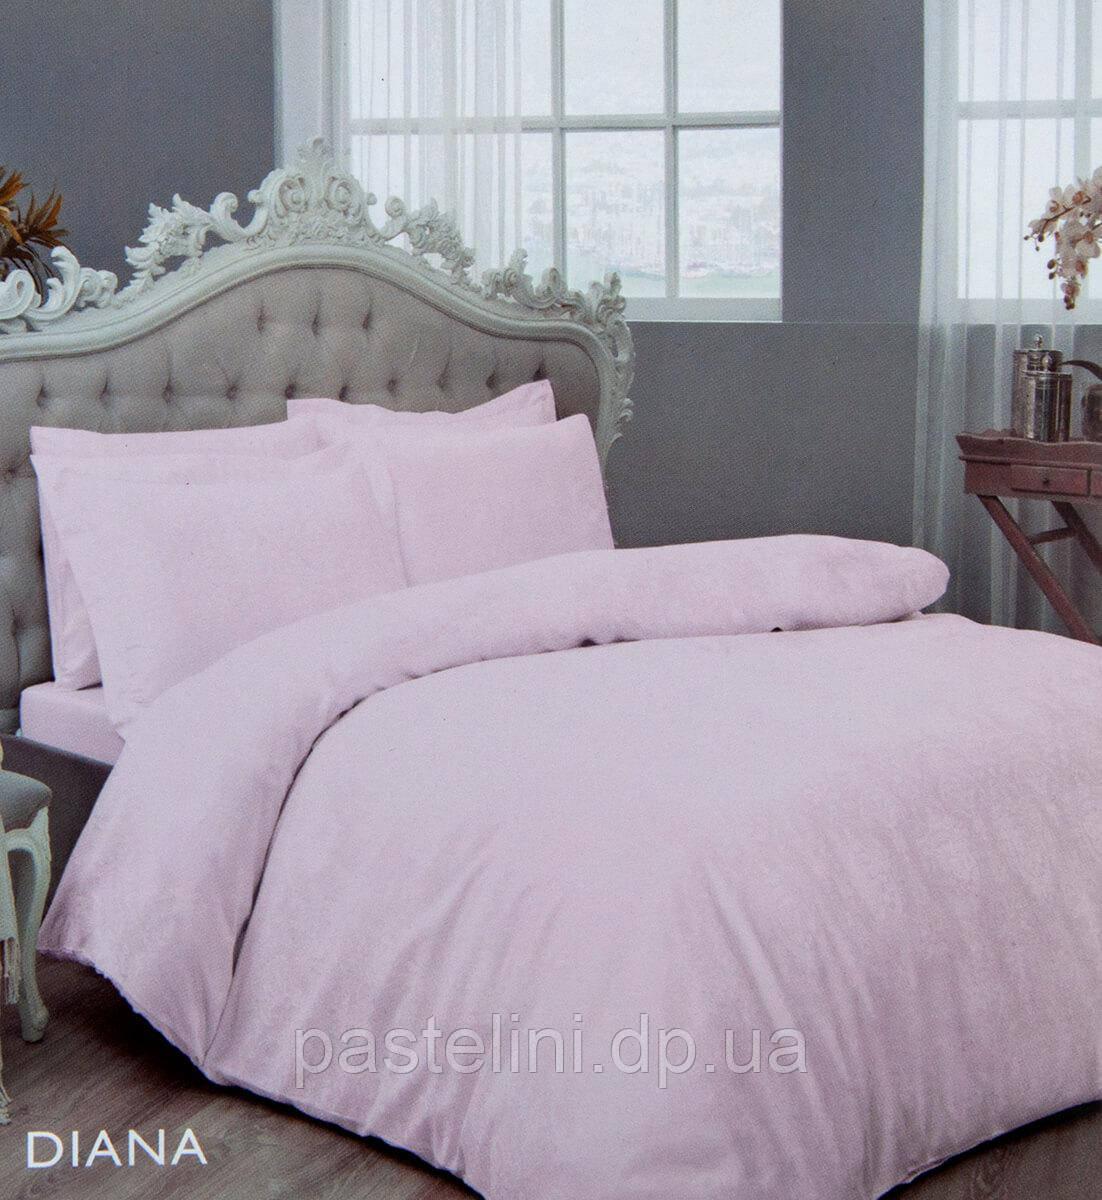 TAC жаккардовый комплект постельного белья  Diana lilac